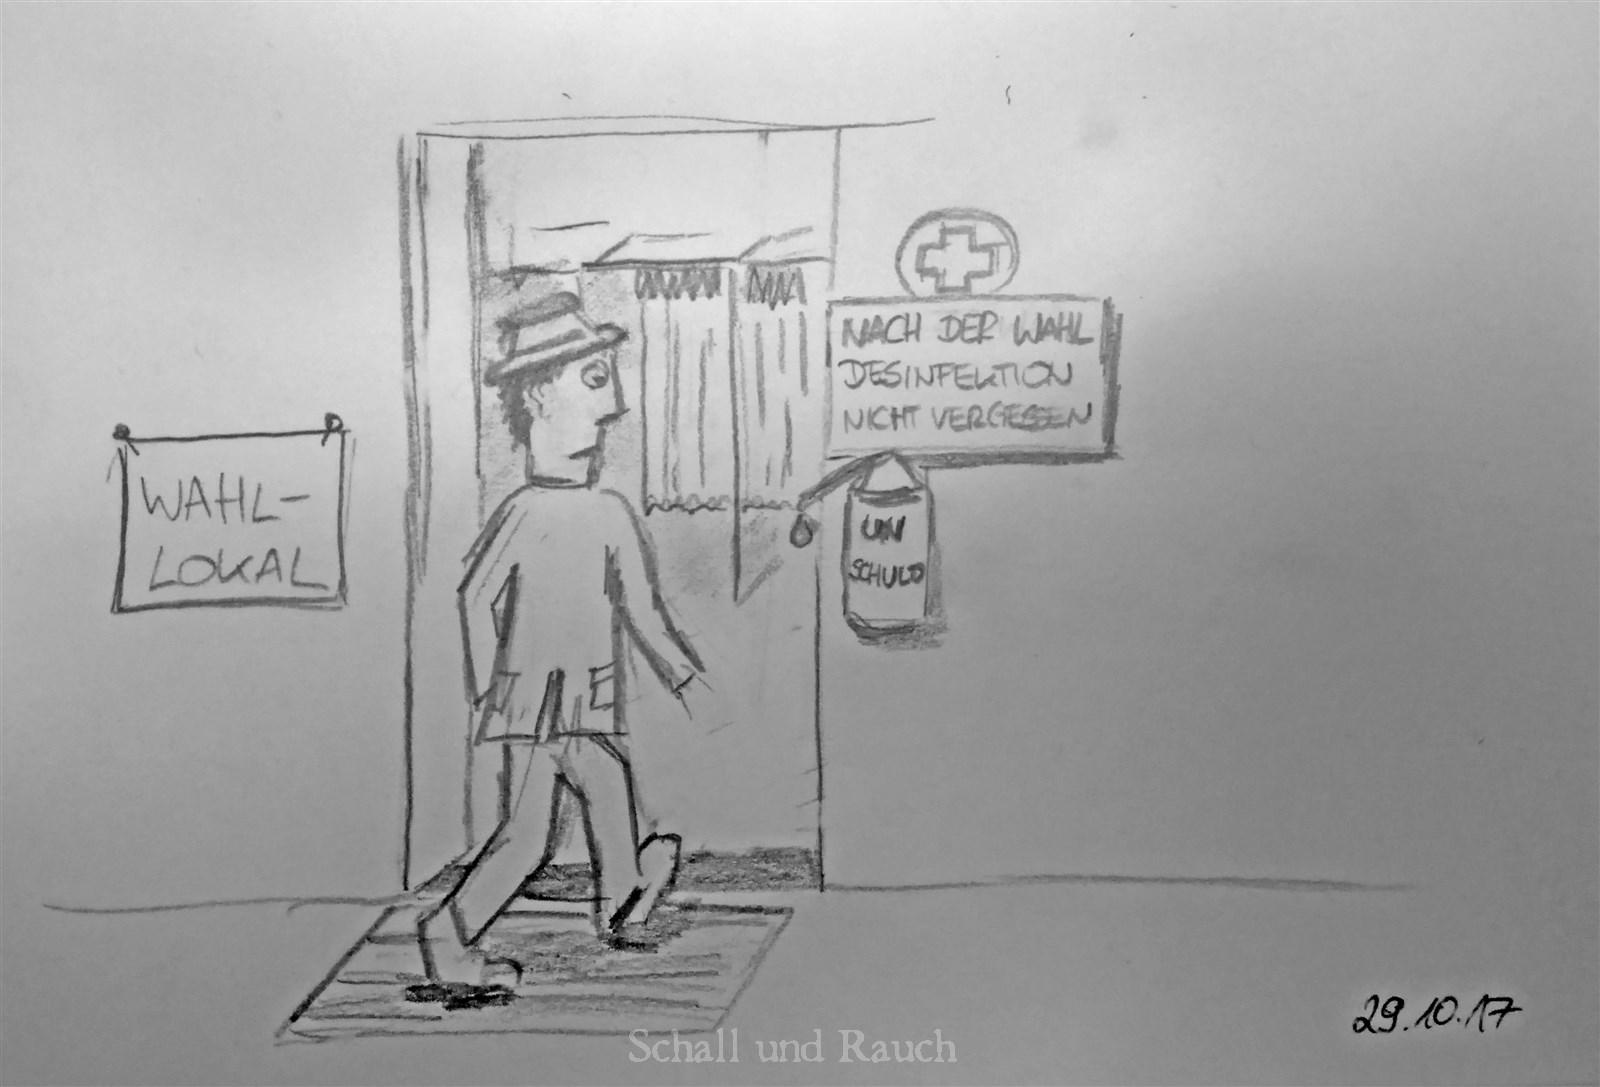 """Zeichnung. Eingang zu einem Wahllokal. Person geht hinein und blickt erstaunt auf ein Schild neben der Tür: """"Nach der Wahl Desinfektion nicht vergessen"""". Darunter hängt ein Flüssigkeitsspender mit der Aufschrift """"Unschuld"""""""